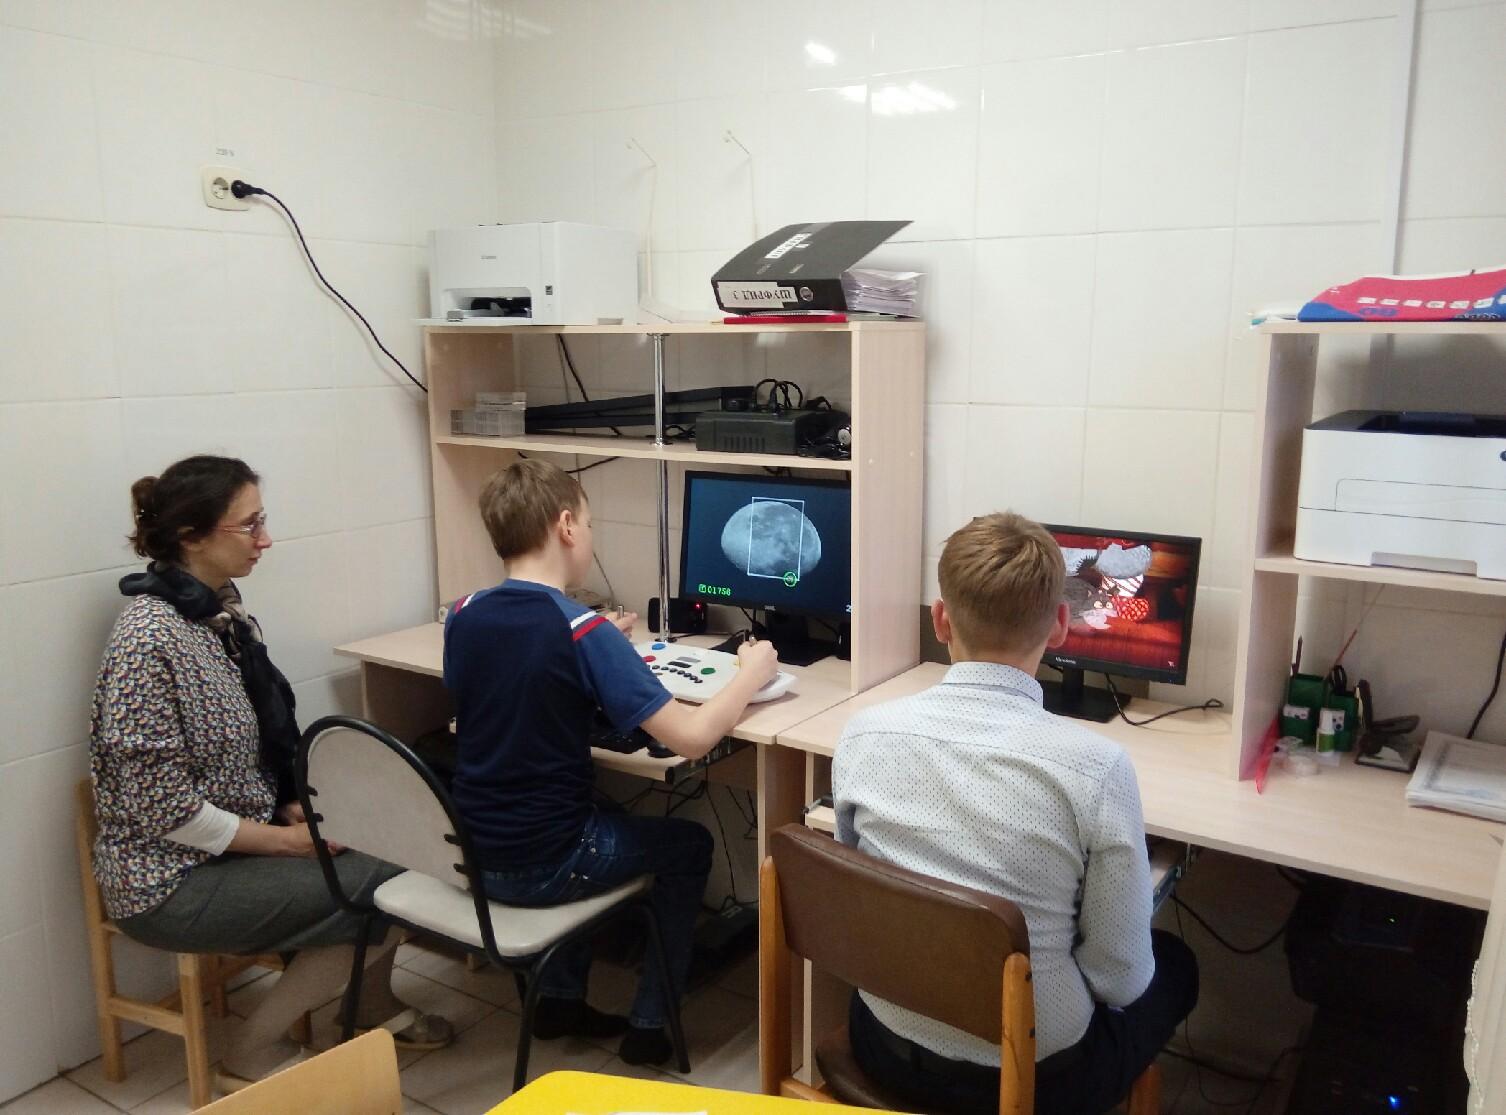 Занятия на компьютеризированном комплексе для психофизиологического тестирования и тренировки высших психических функций Шуфрид. Пермь, Центр комплексной реабилитации инвалидов.